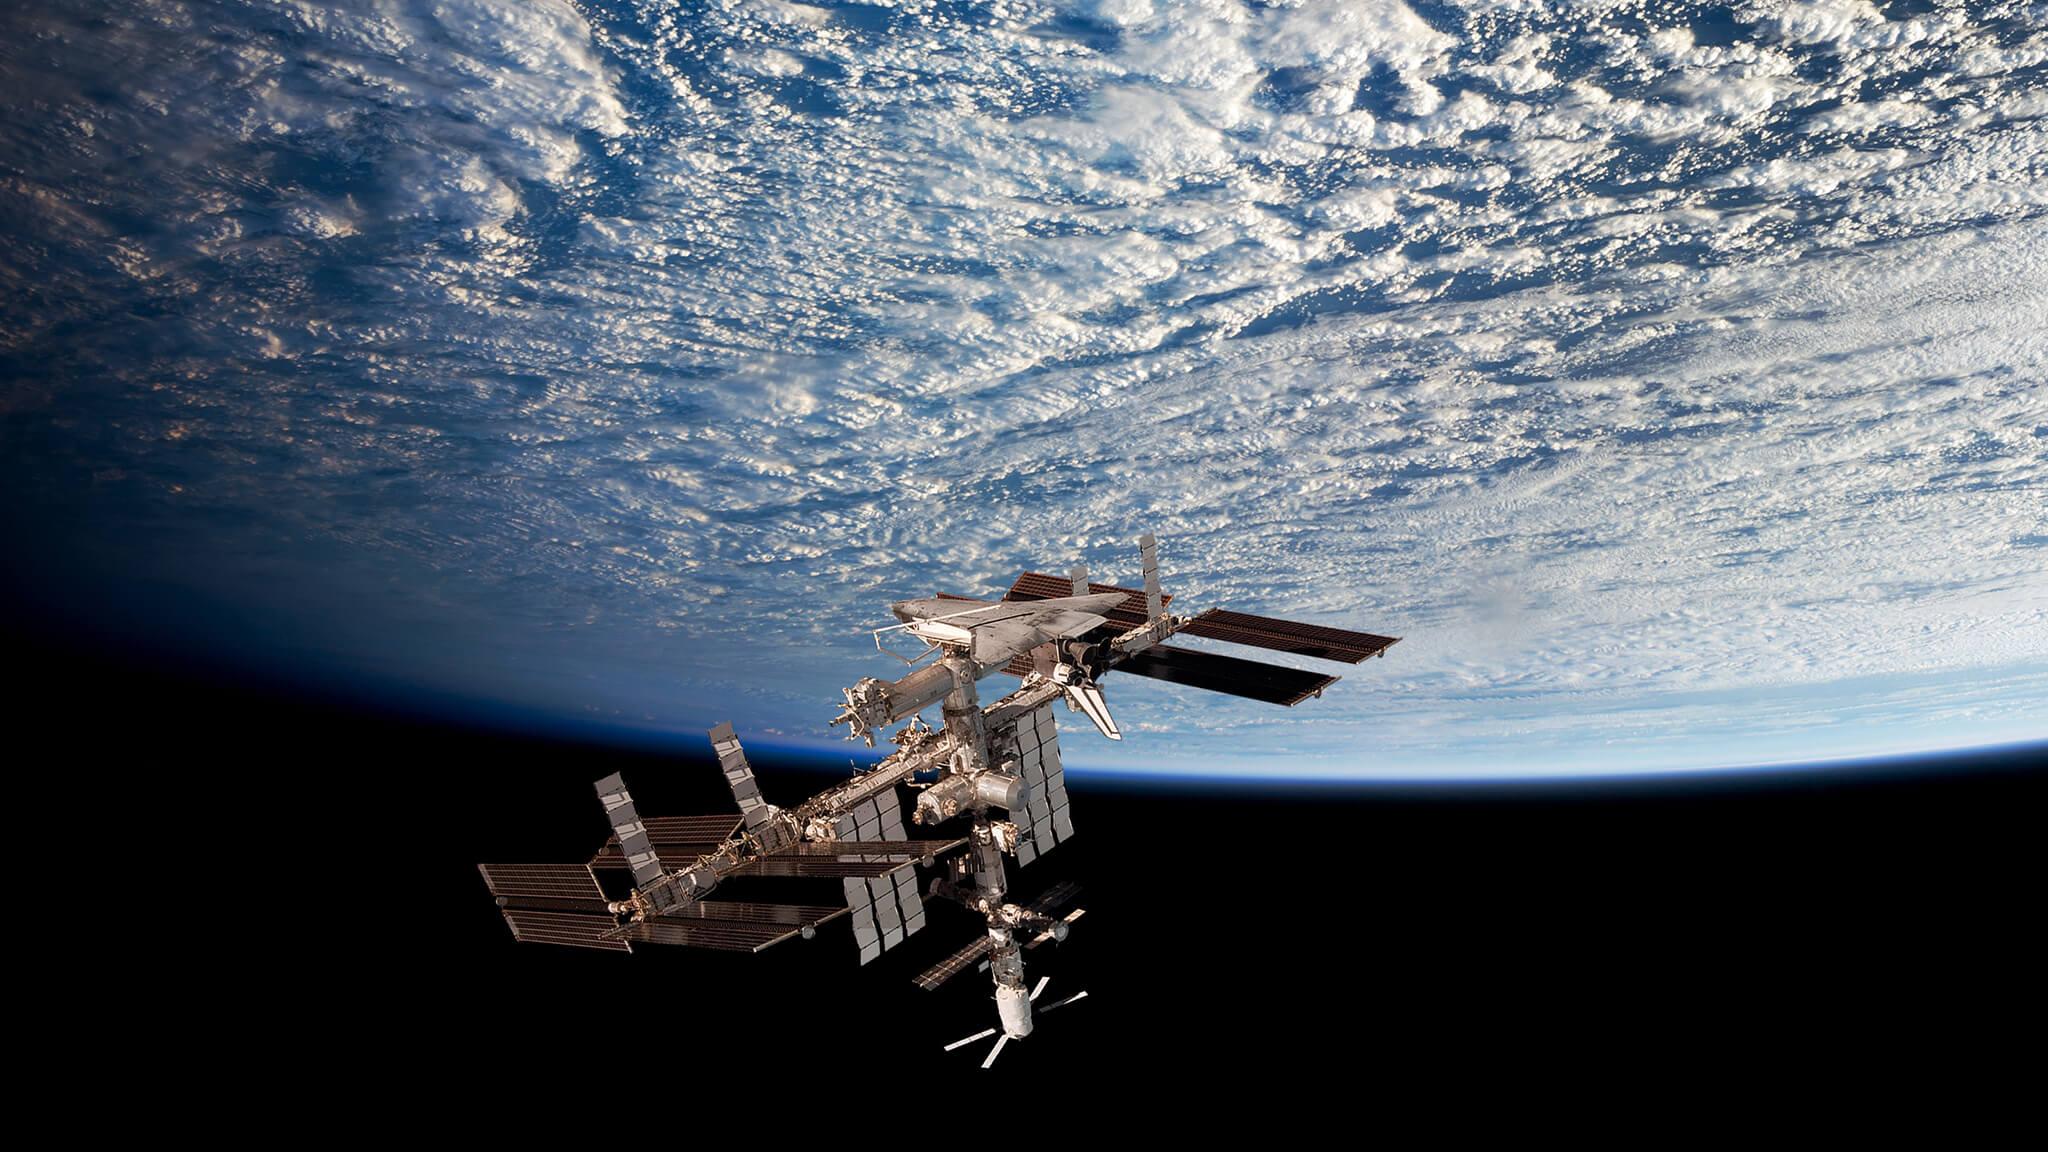 Экскурсия на МКС за 52 миллиона долларов: что вы получите за эти деньги?